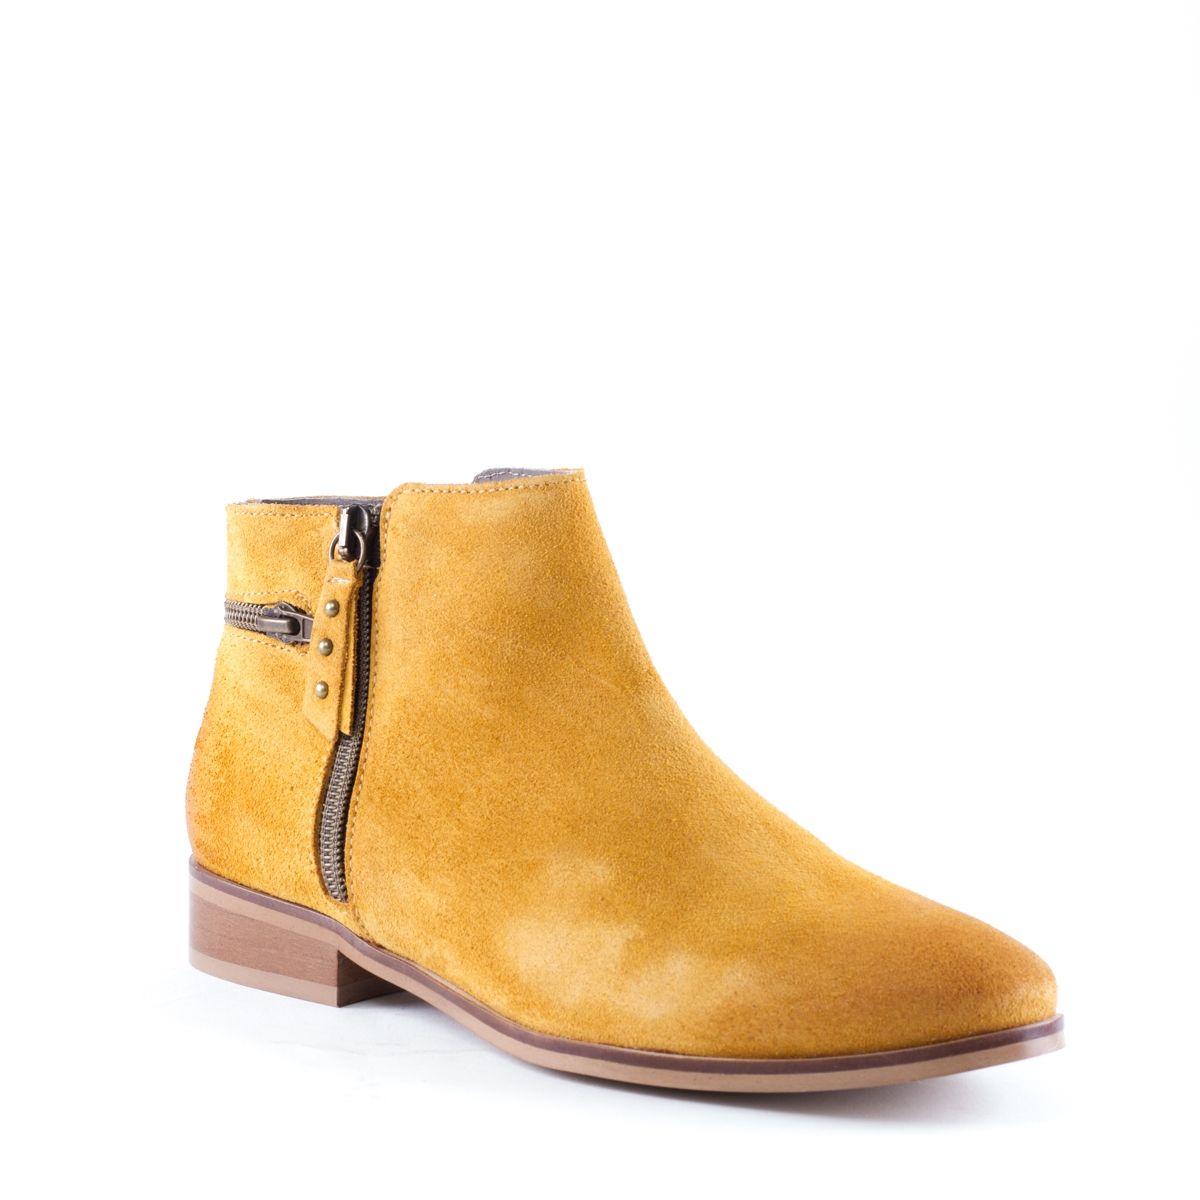 montantes cuir Zafferano en Crute Roulers de Chaussures T1cFlJ3K